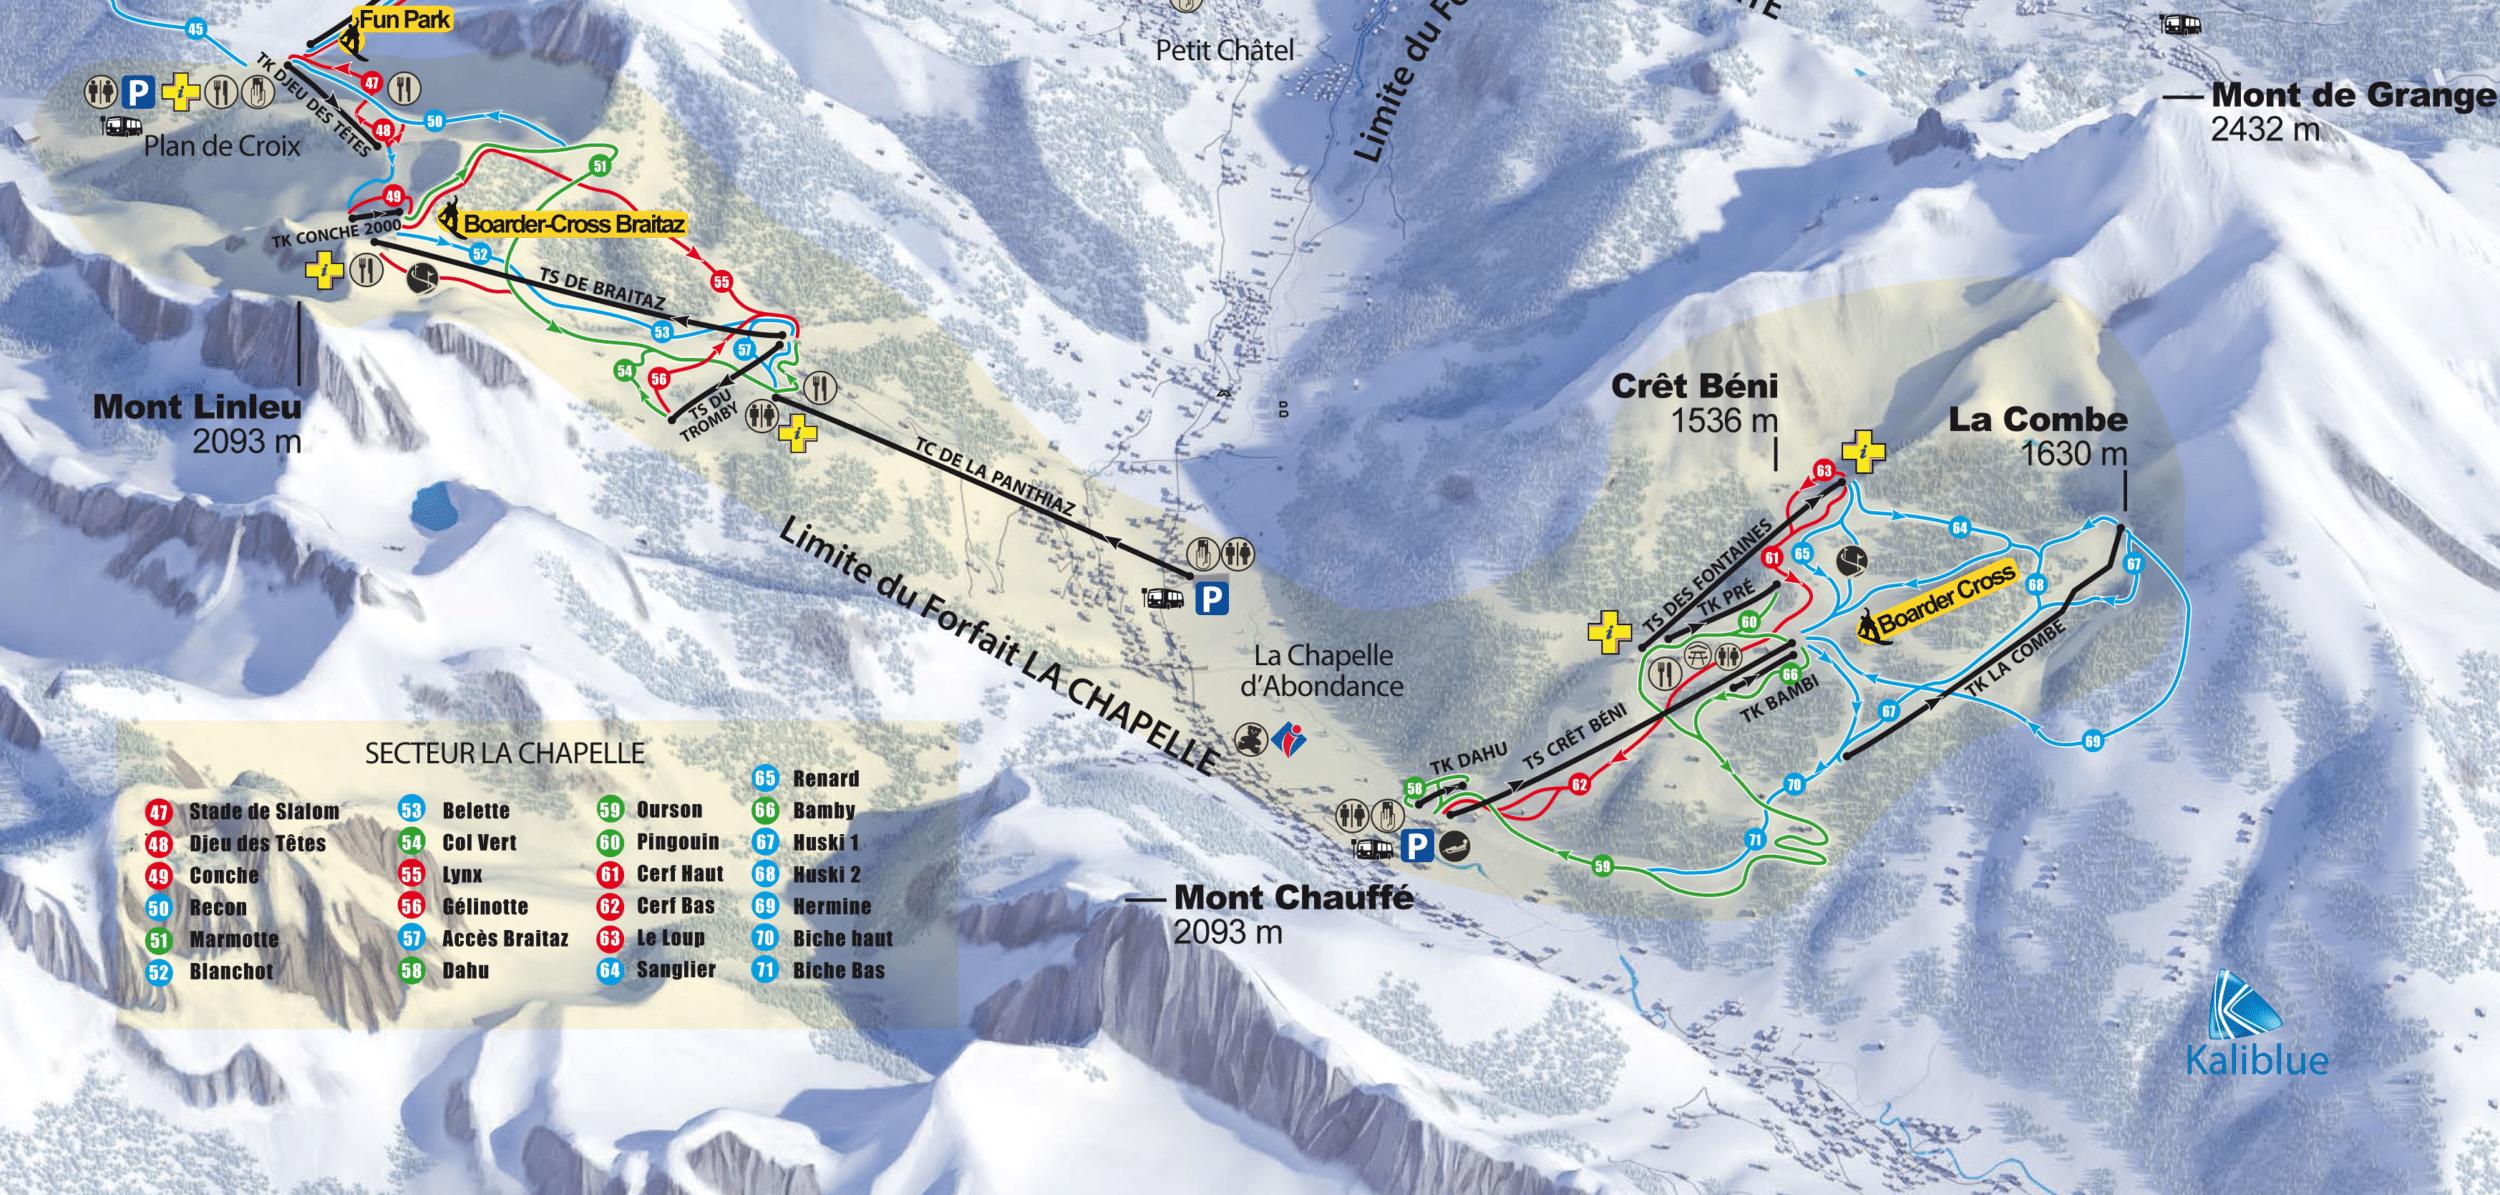 La Chapelle d'Abondance - Plan des pistes de ski